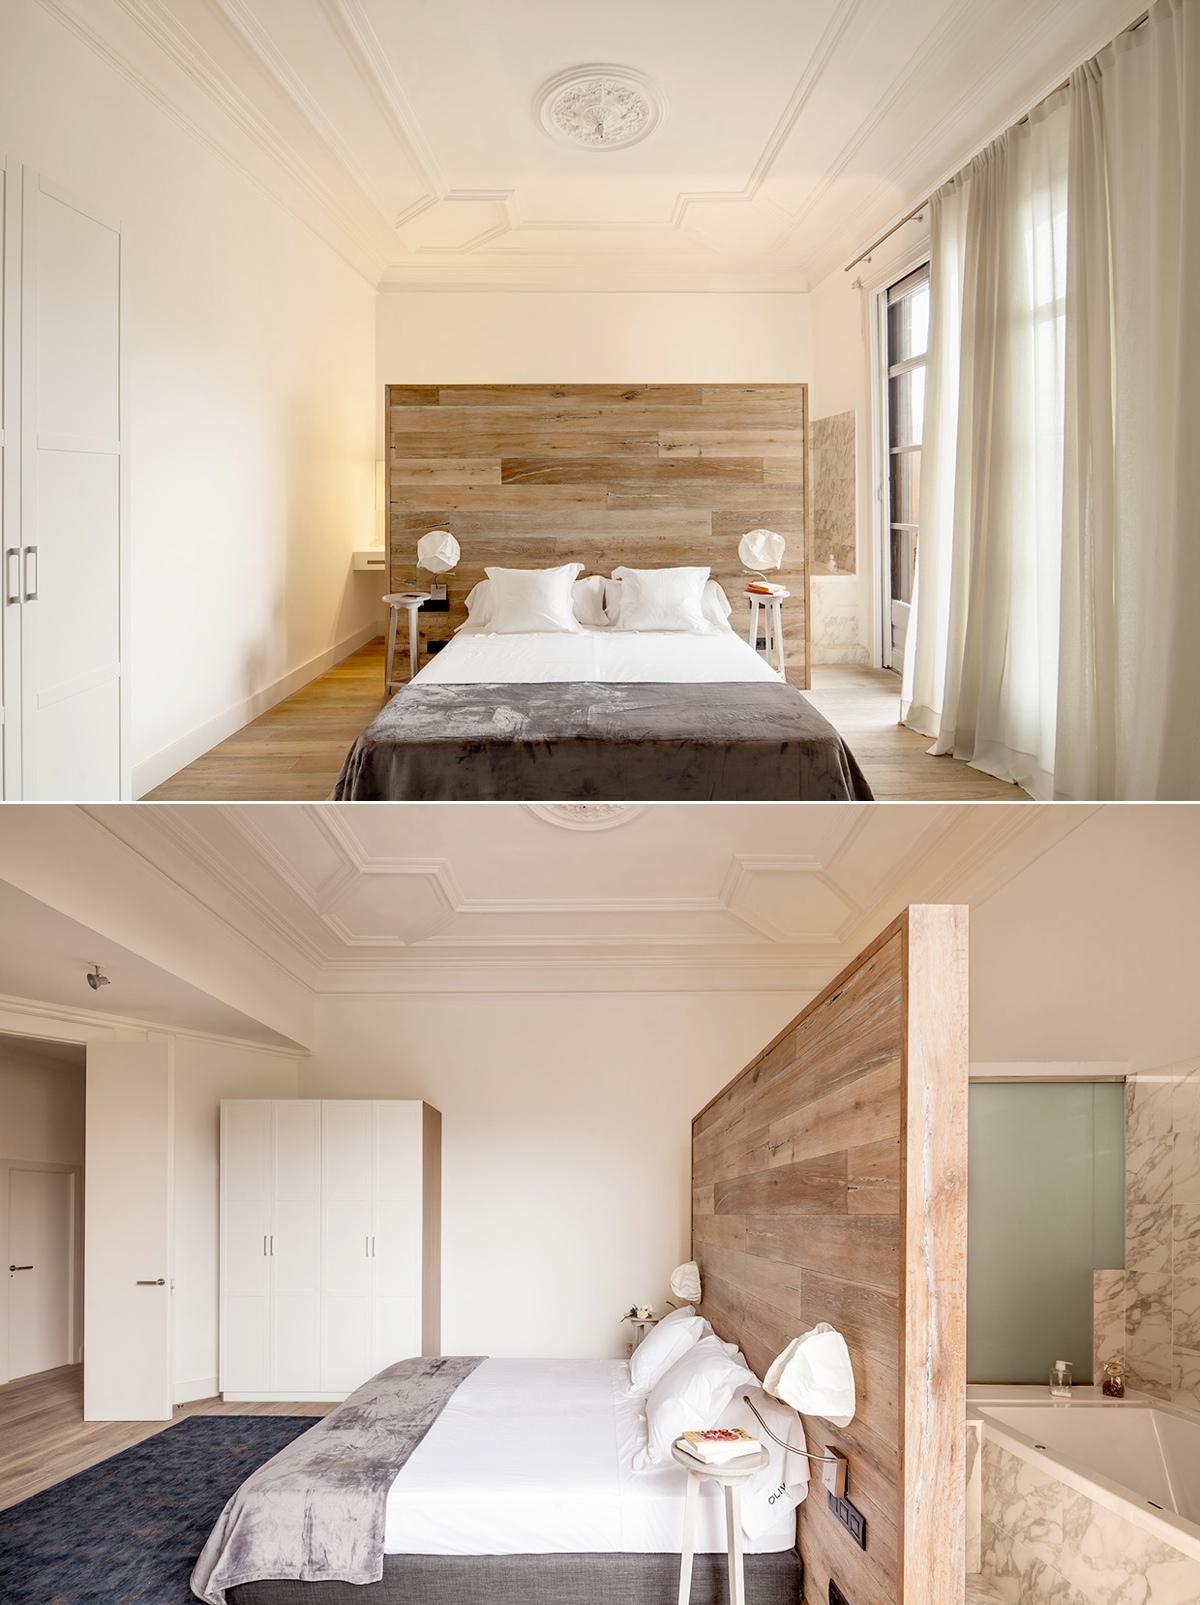 11 By 12 Bedroom Layouts : bedroom, layouts, 11X10, Bedroom, Ideas, Design, Corral